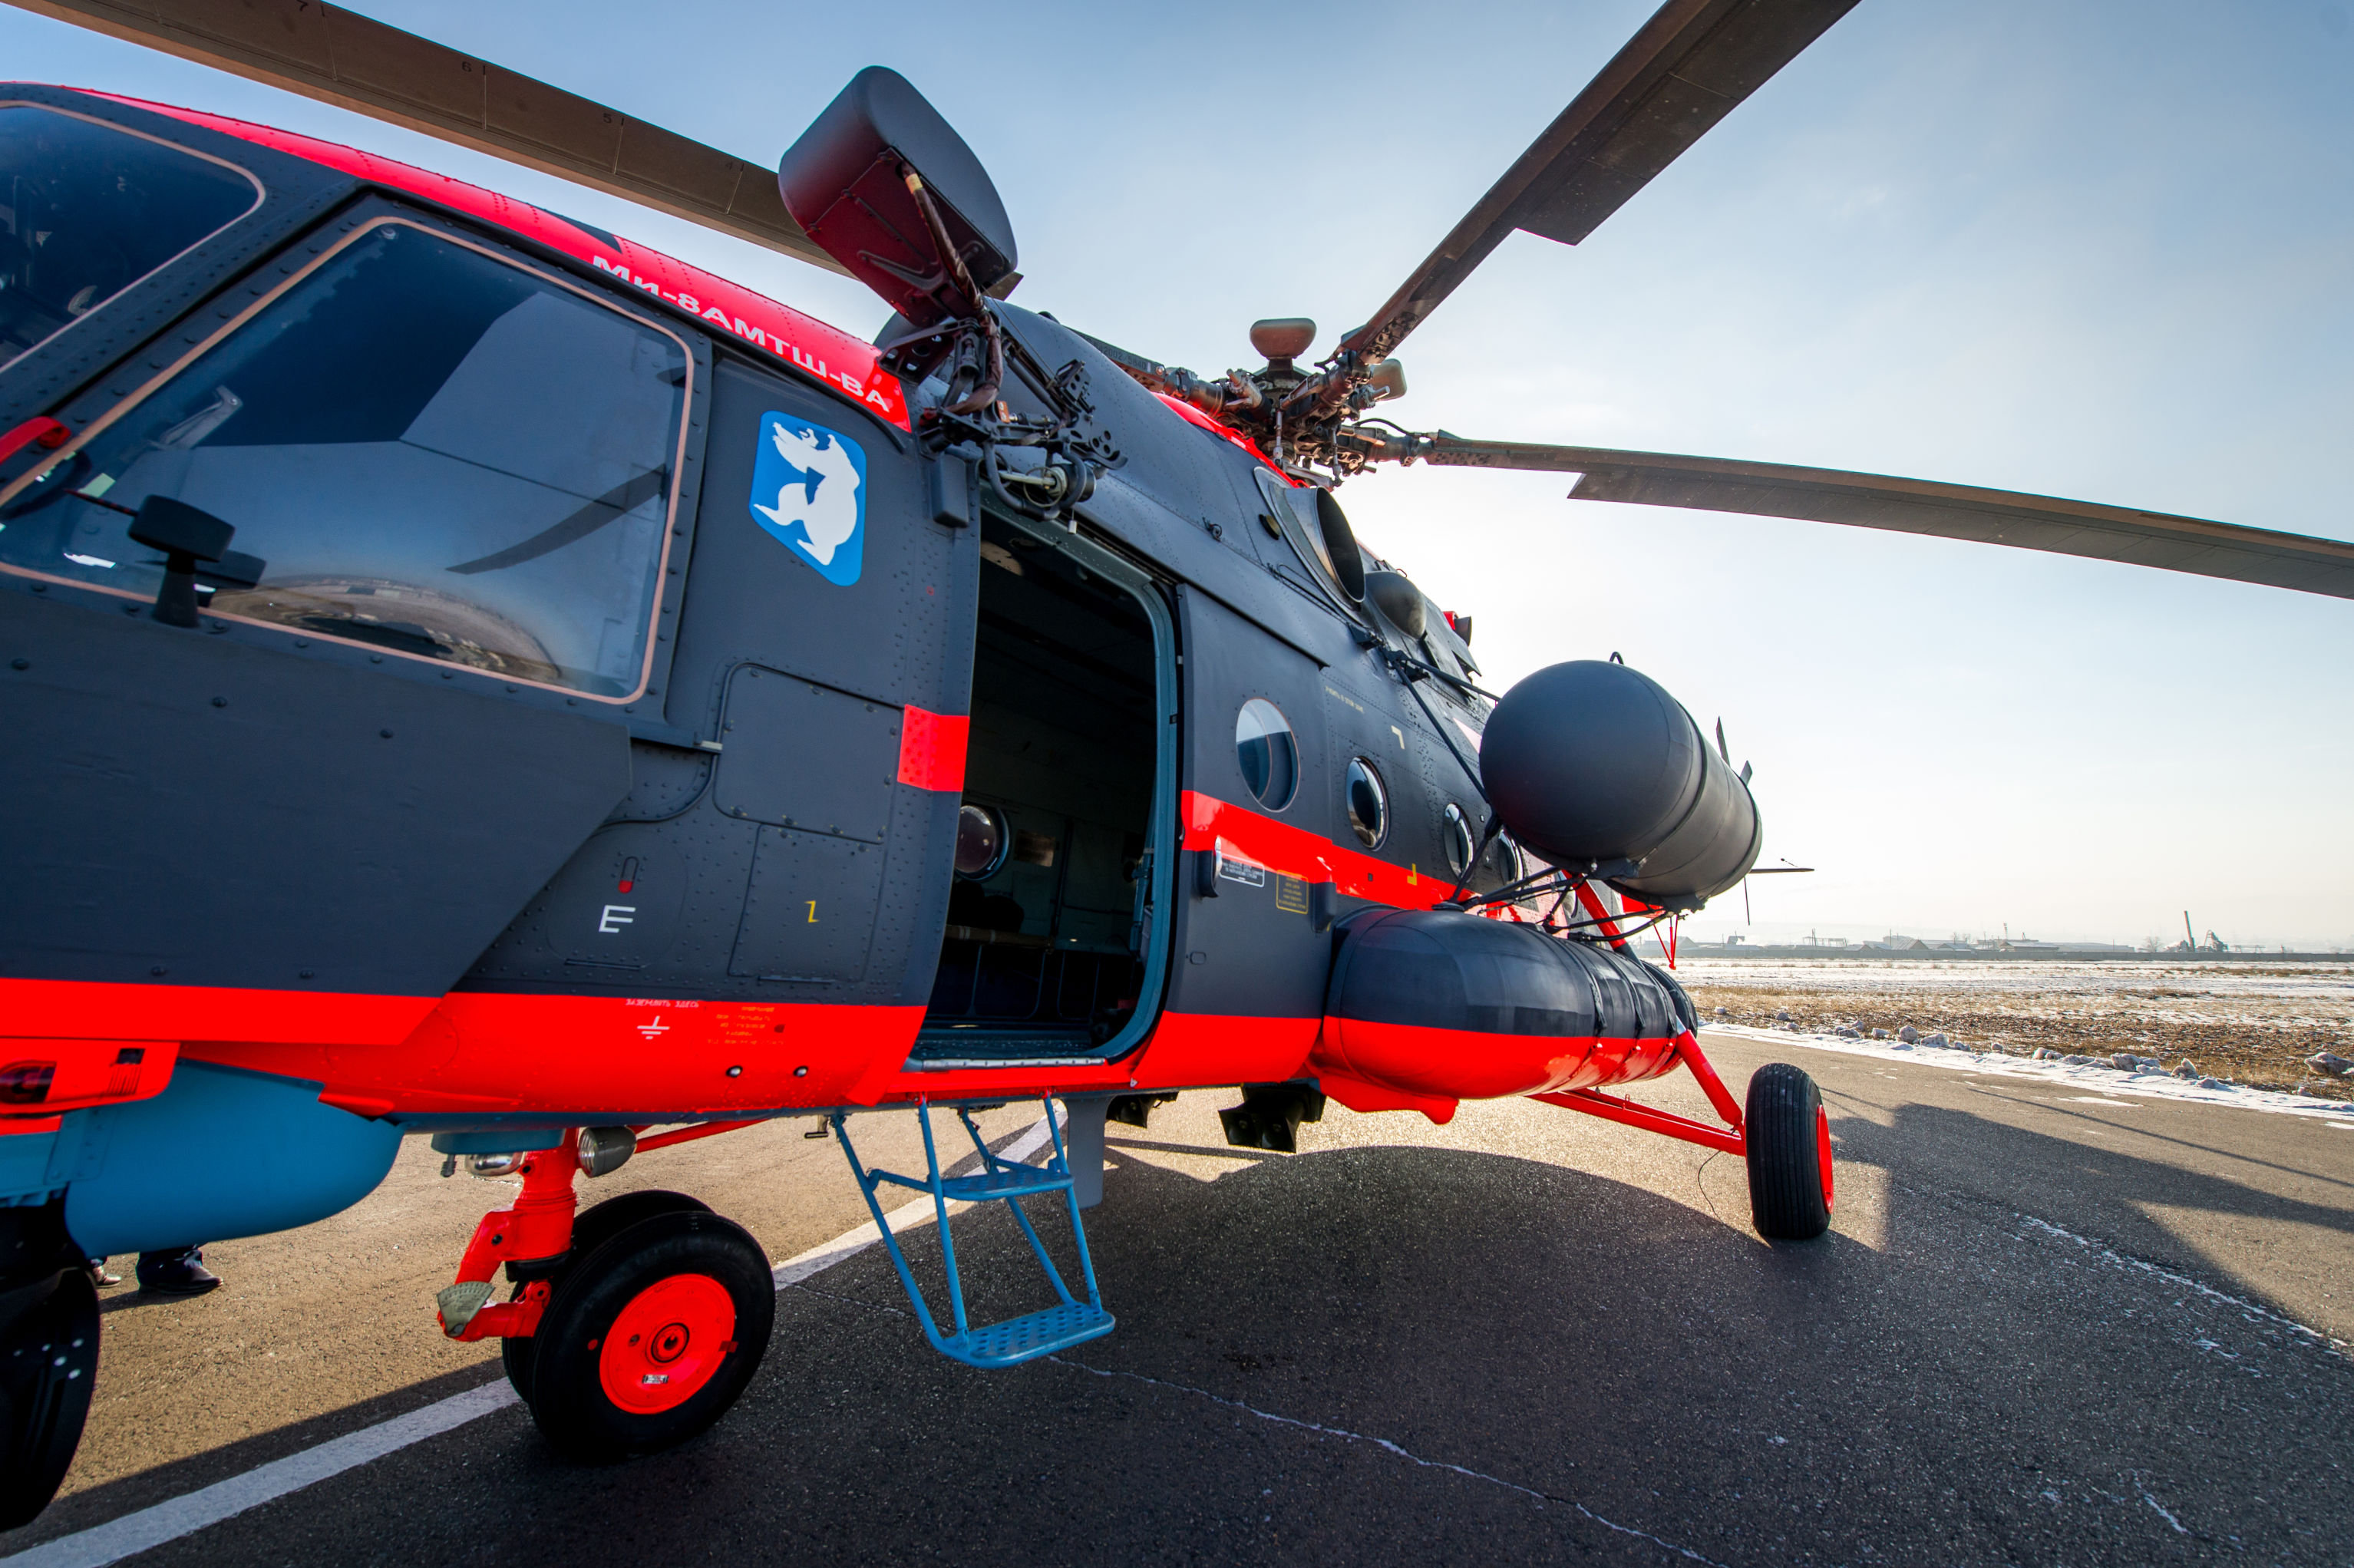 La capacidad de vuelo del helicóptero ártico con depósitos extra es de más de 1.400 kilómetros, con una autonomía de vuelo de más de siete horas.